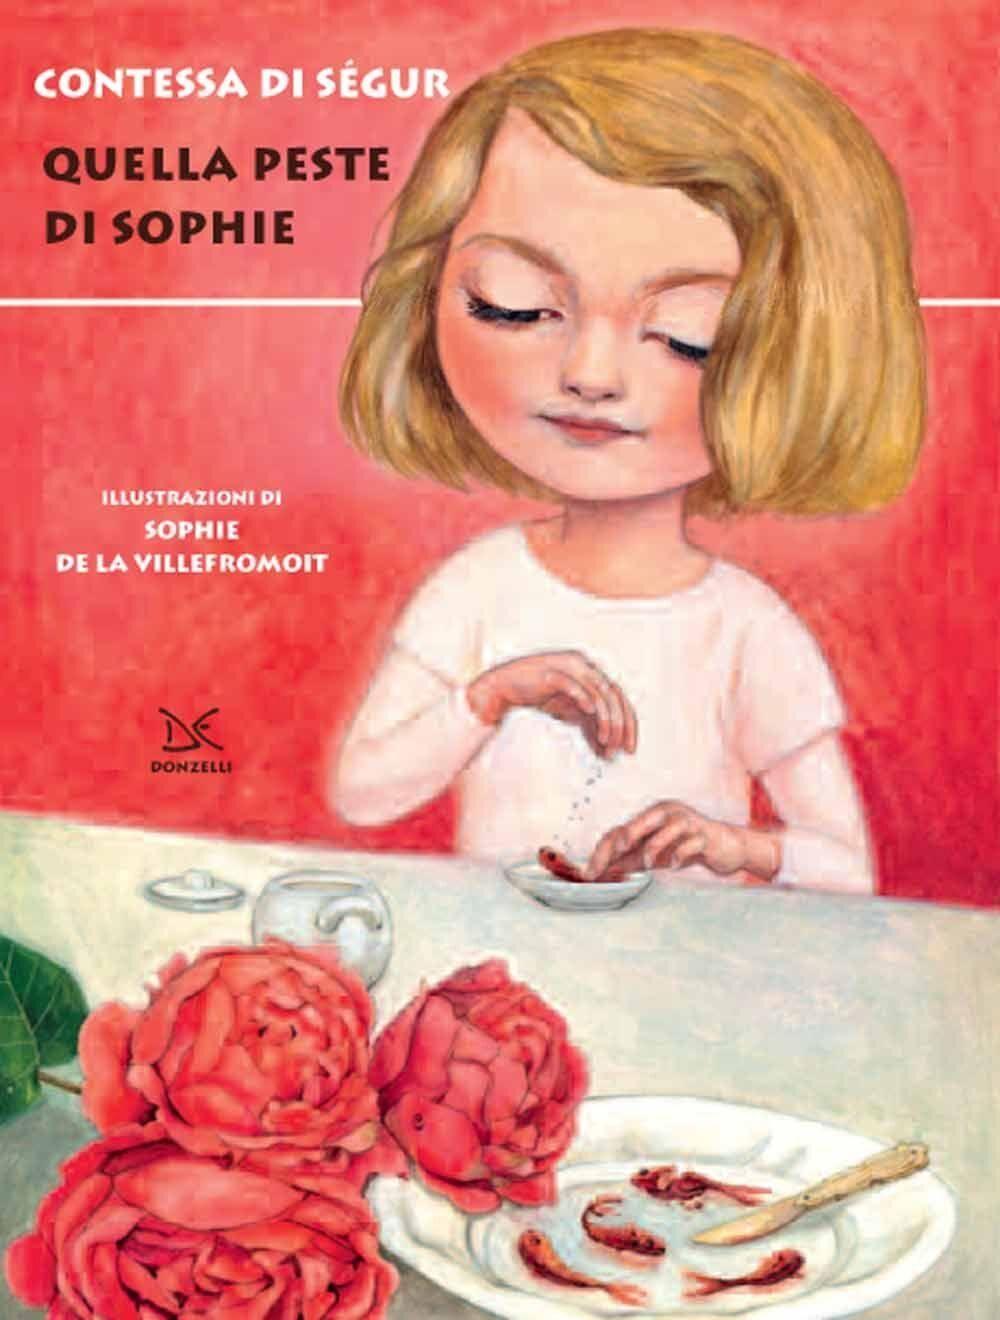 Quella peste di Sophie